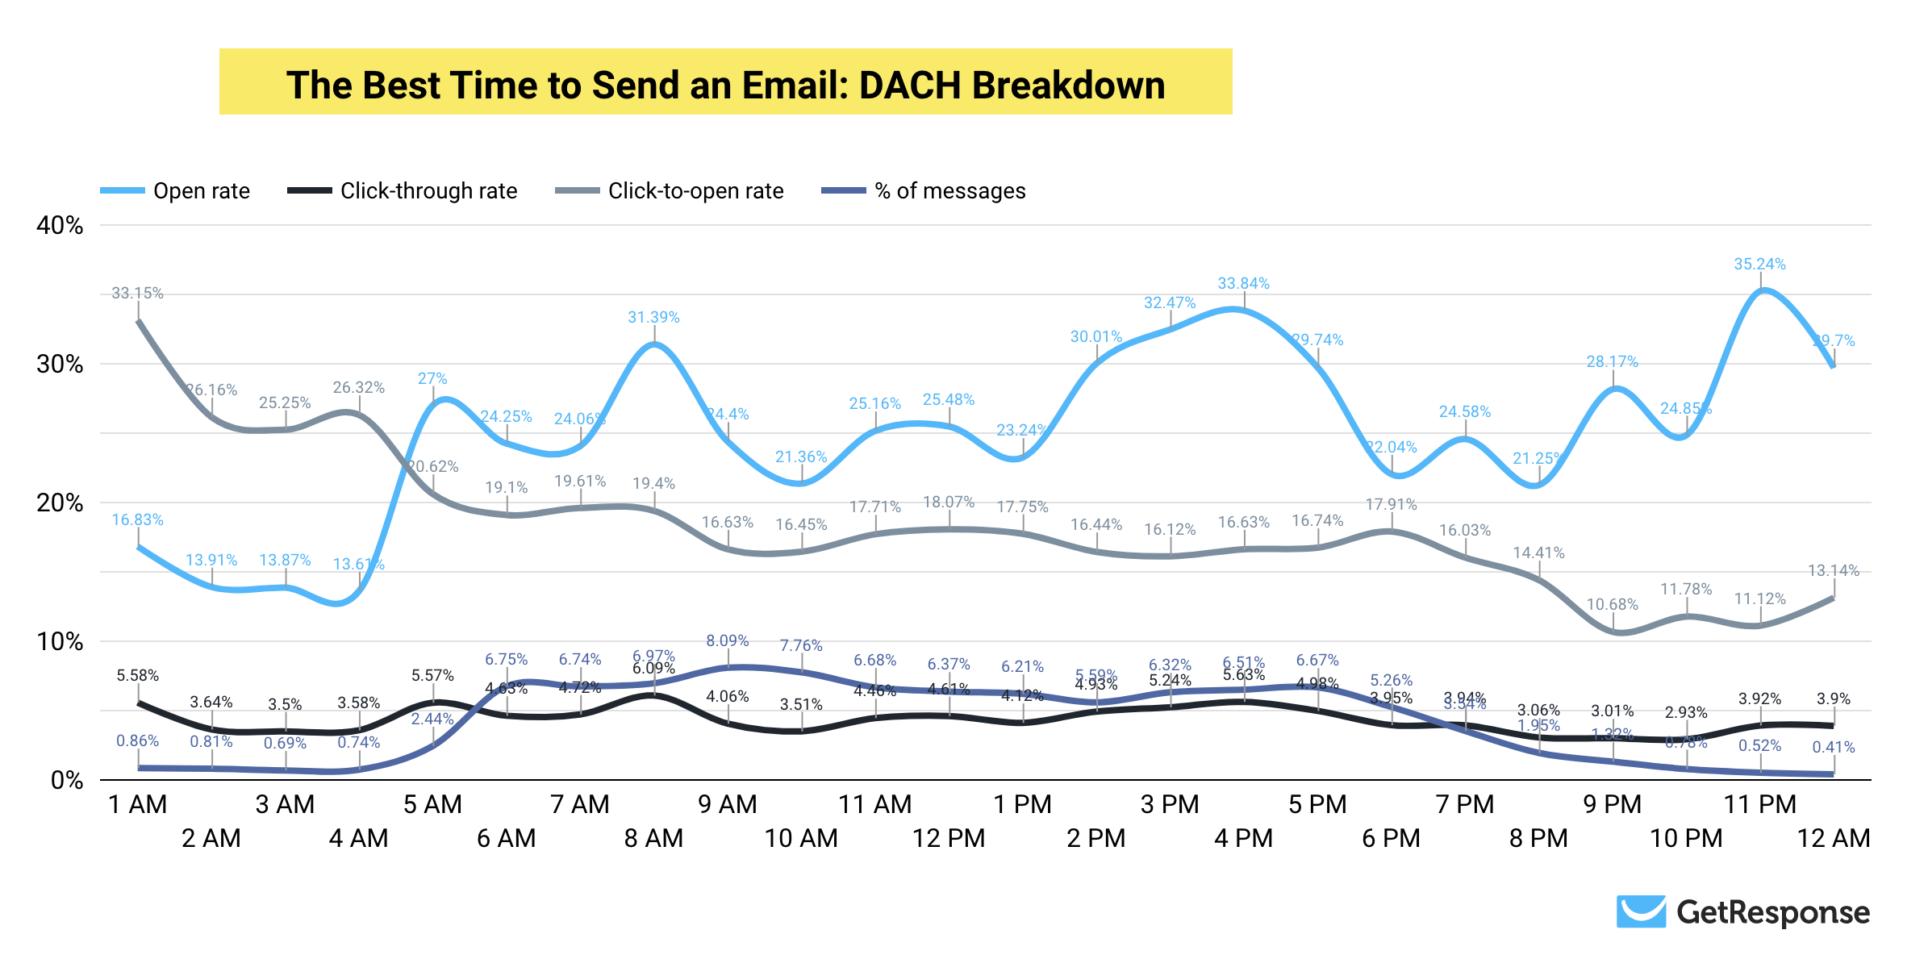 Самое оптимальное время для доставки: итоговые результаты для DACH (Австрия, Германия, Швейцария)